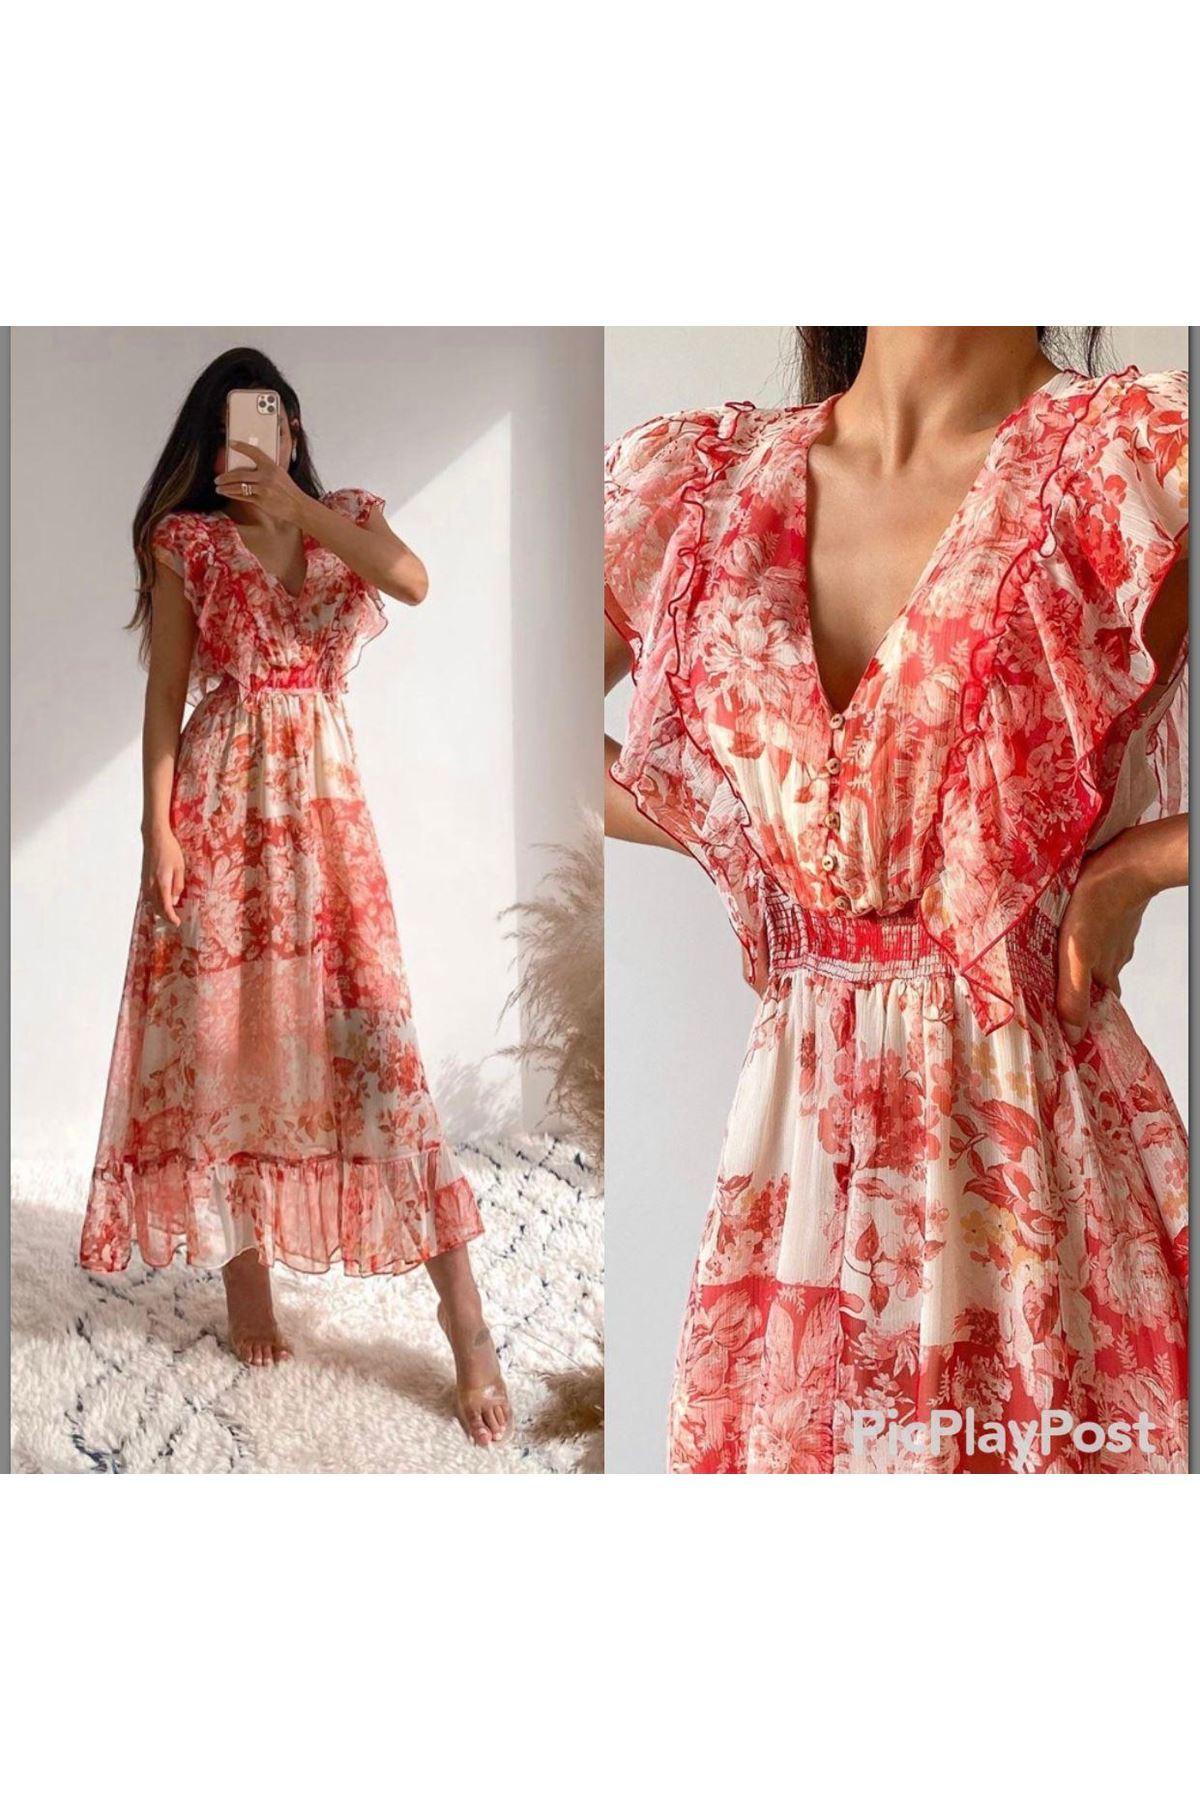 ZR Model Gipe Detay İthal Şifon Elbise - MULTİ